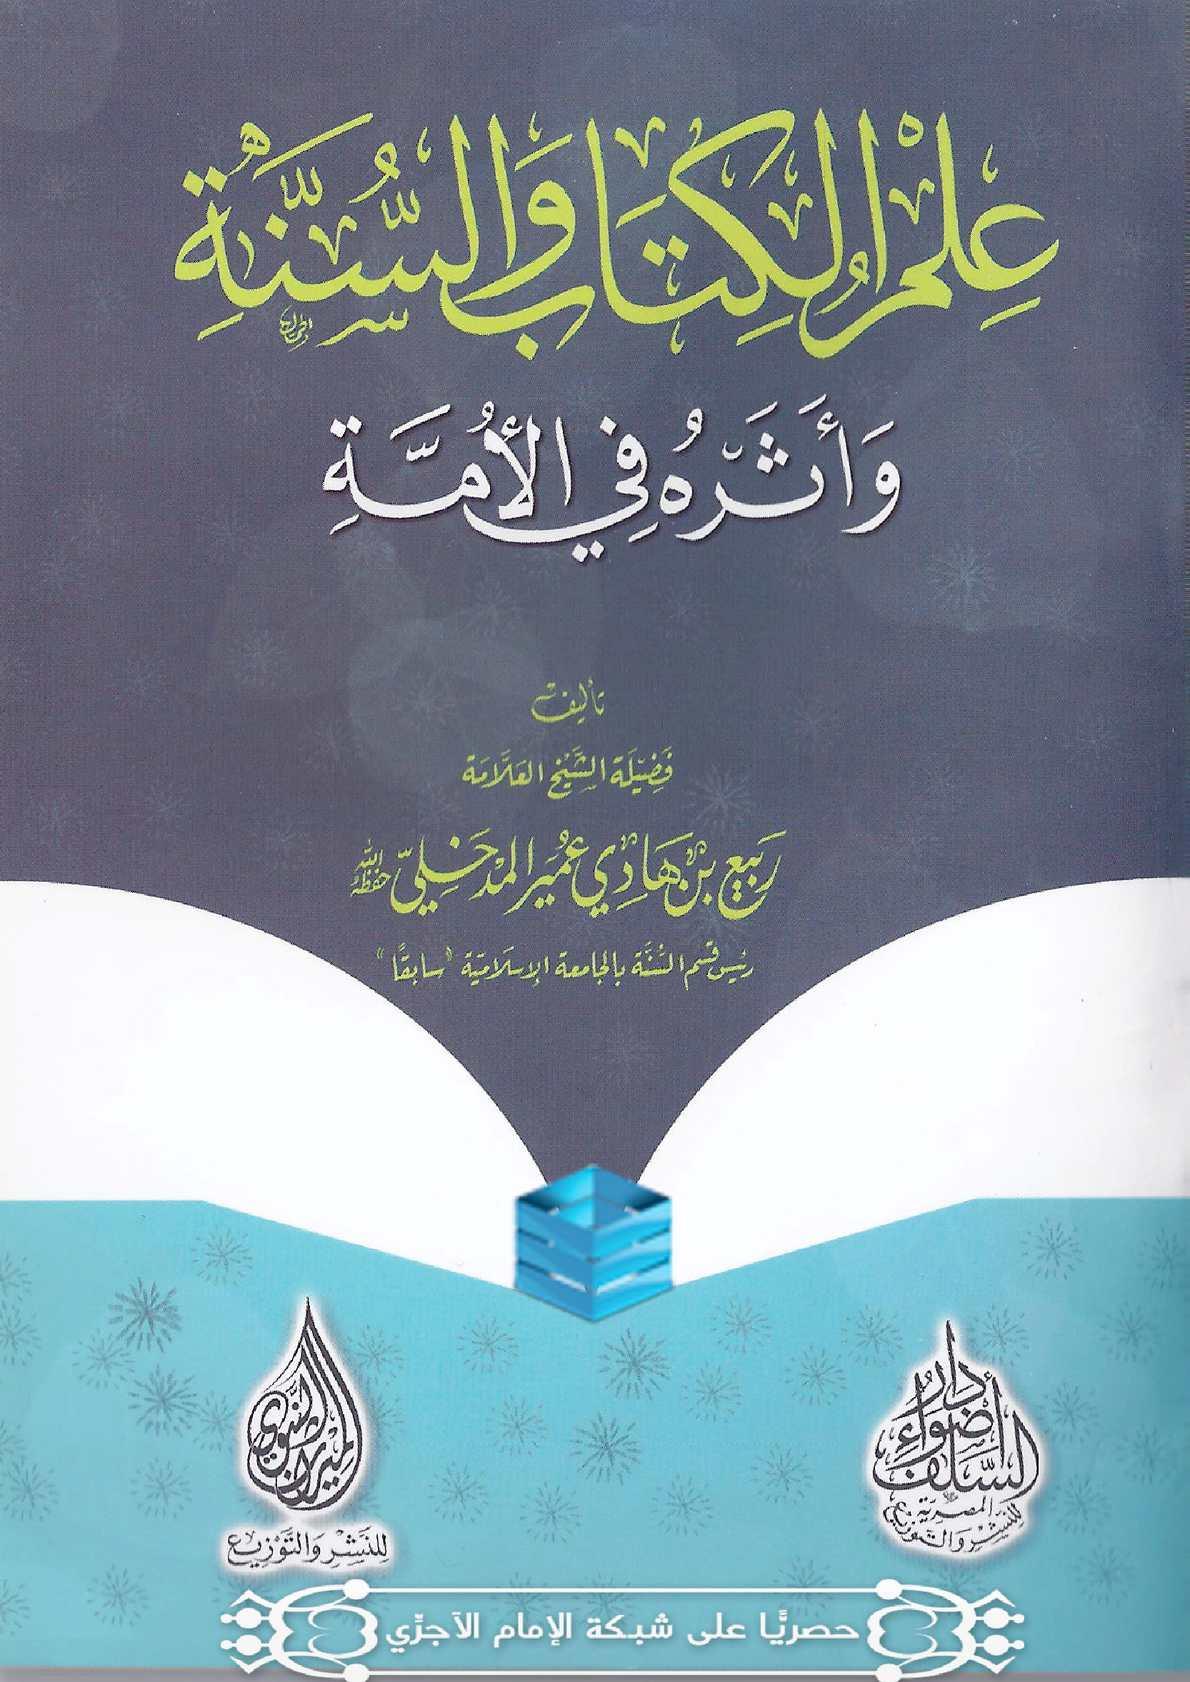 علم الكتاب والسنَّة وأثره في الأمَّة - ربيع بن هادي المدخلي